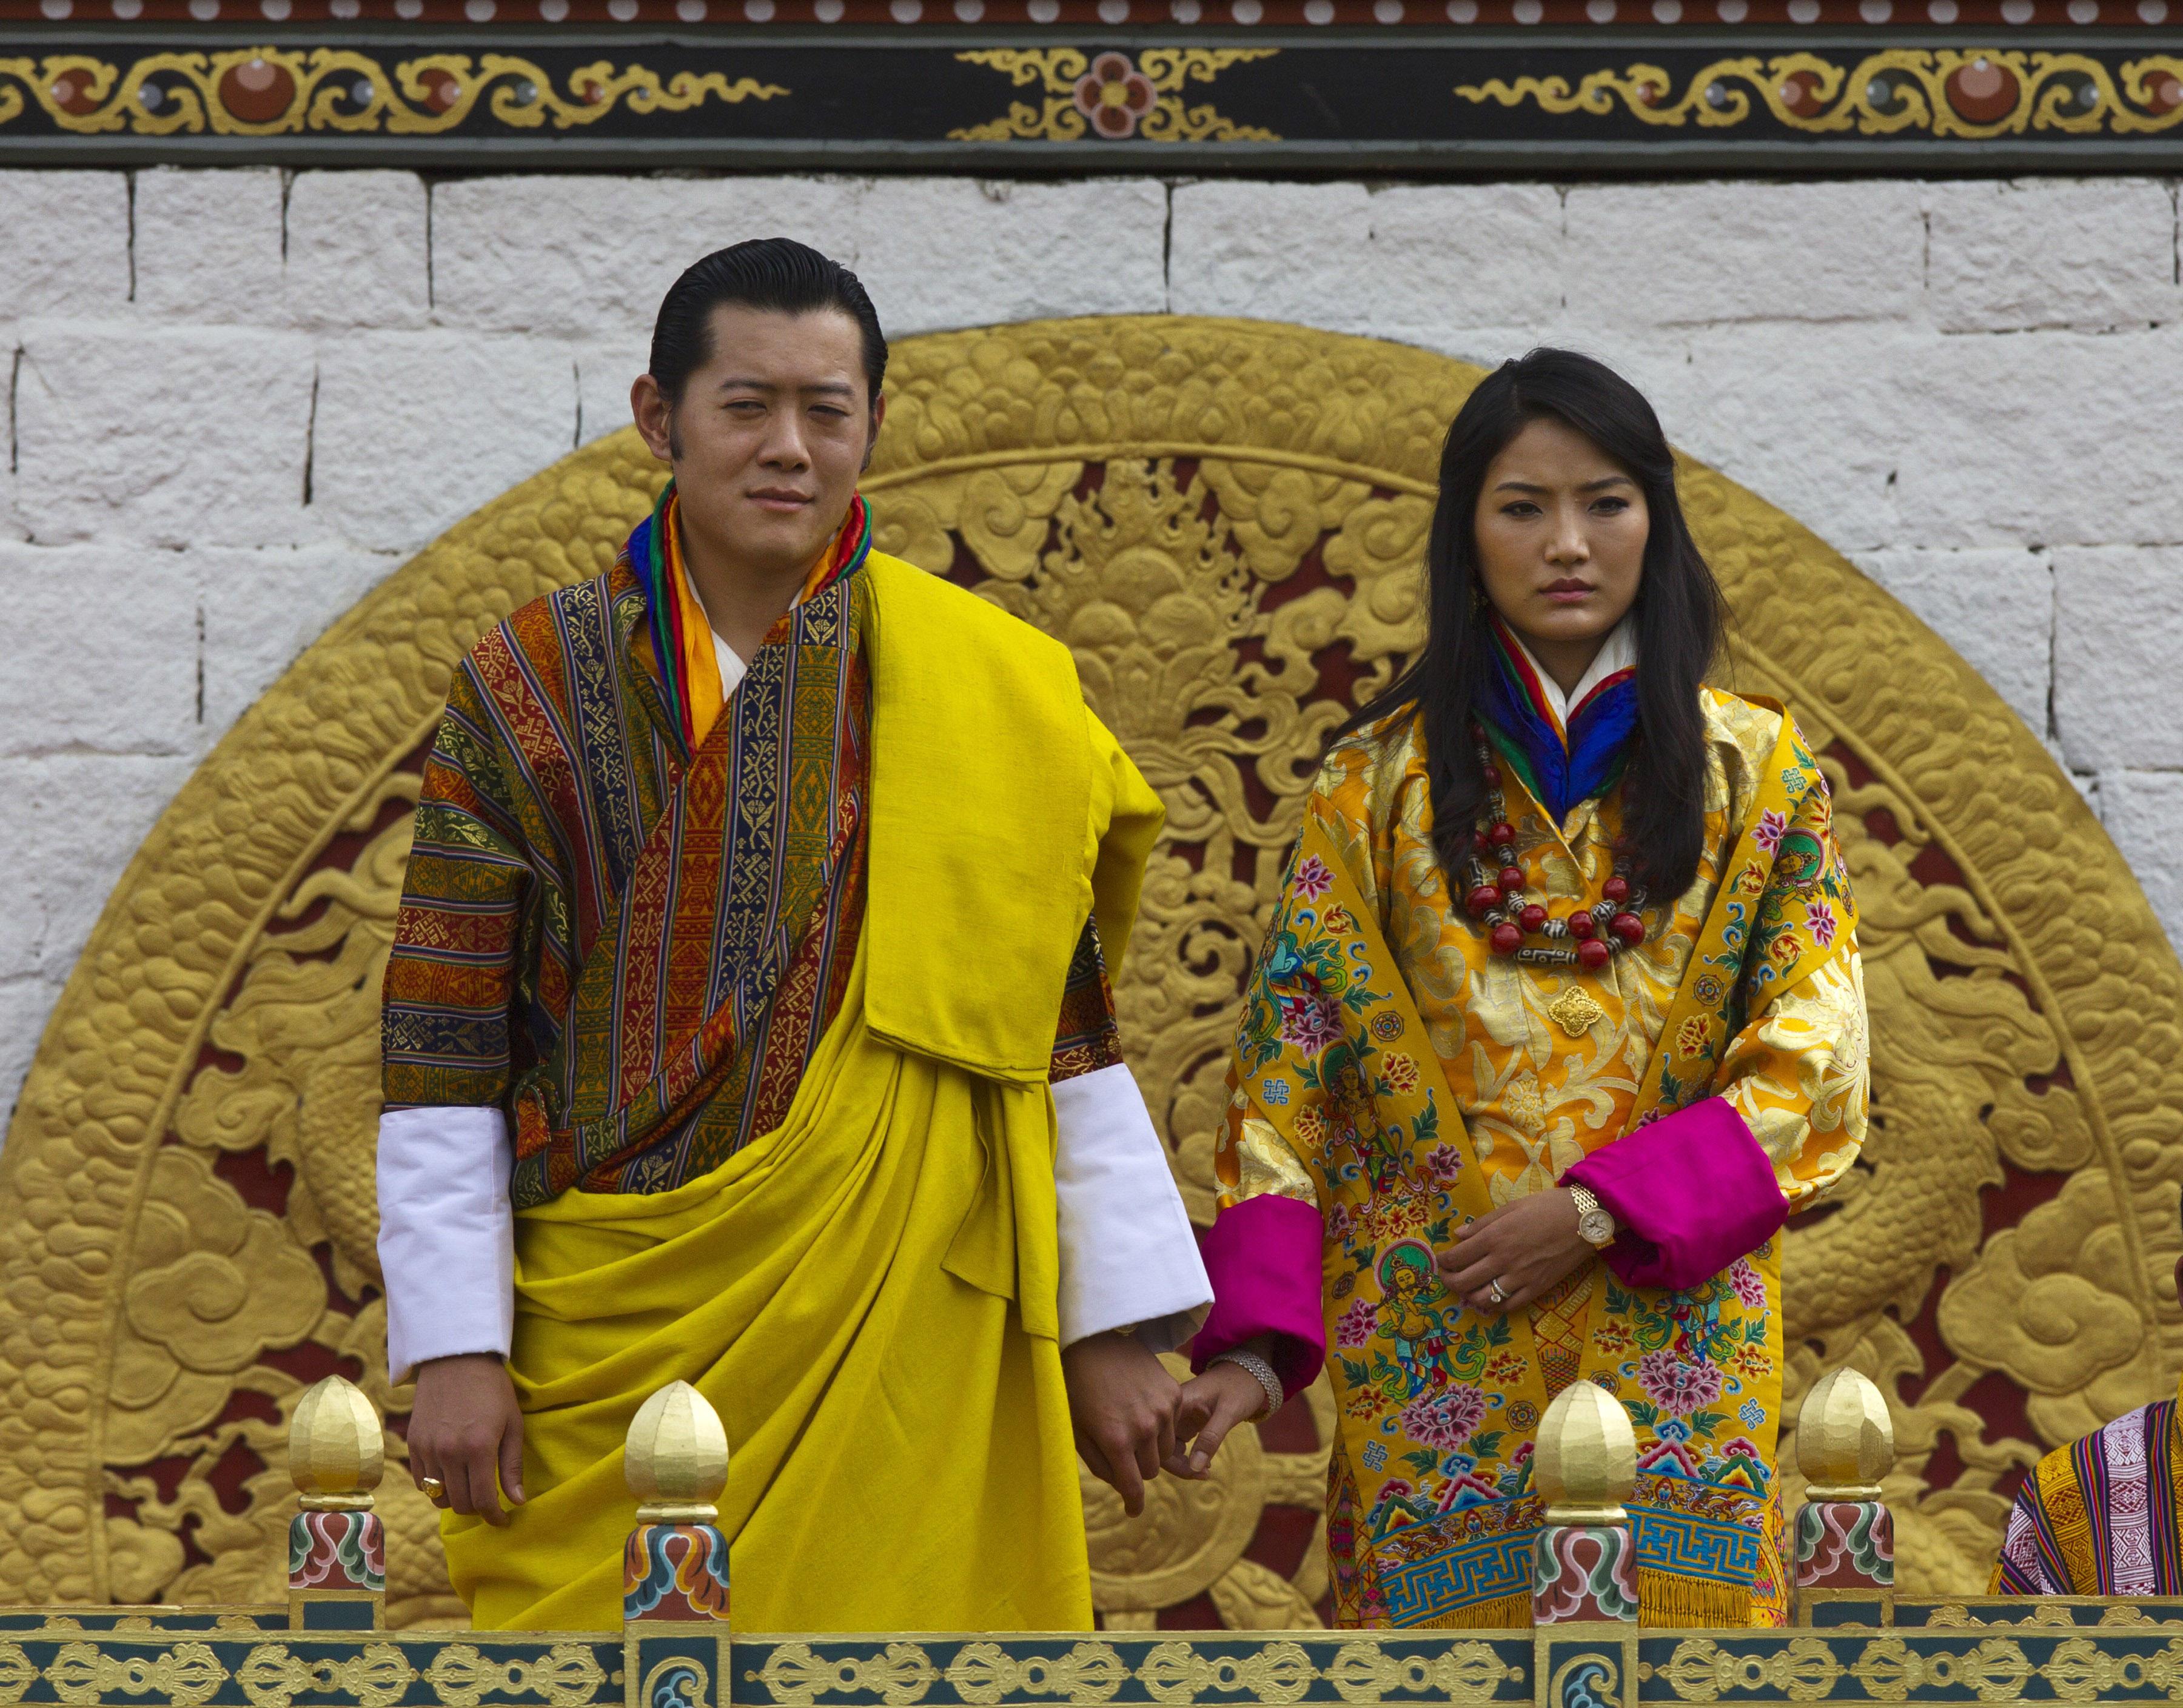 Джигме Хесар Намгиал Вангчук e настоящият крал на Бутан от 2006 г. Жени се заДжетсун Пема.Сватбата им представлява богато украсена традиционна будистка церемония и се провежда в монашеска крепост в древната столица на страната октомври 2011 г. Бракът между Джетсун и краля е резултат от истинска любов, а не официално уреден.